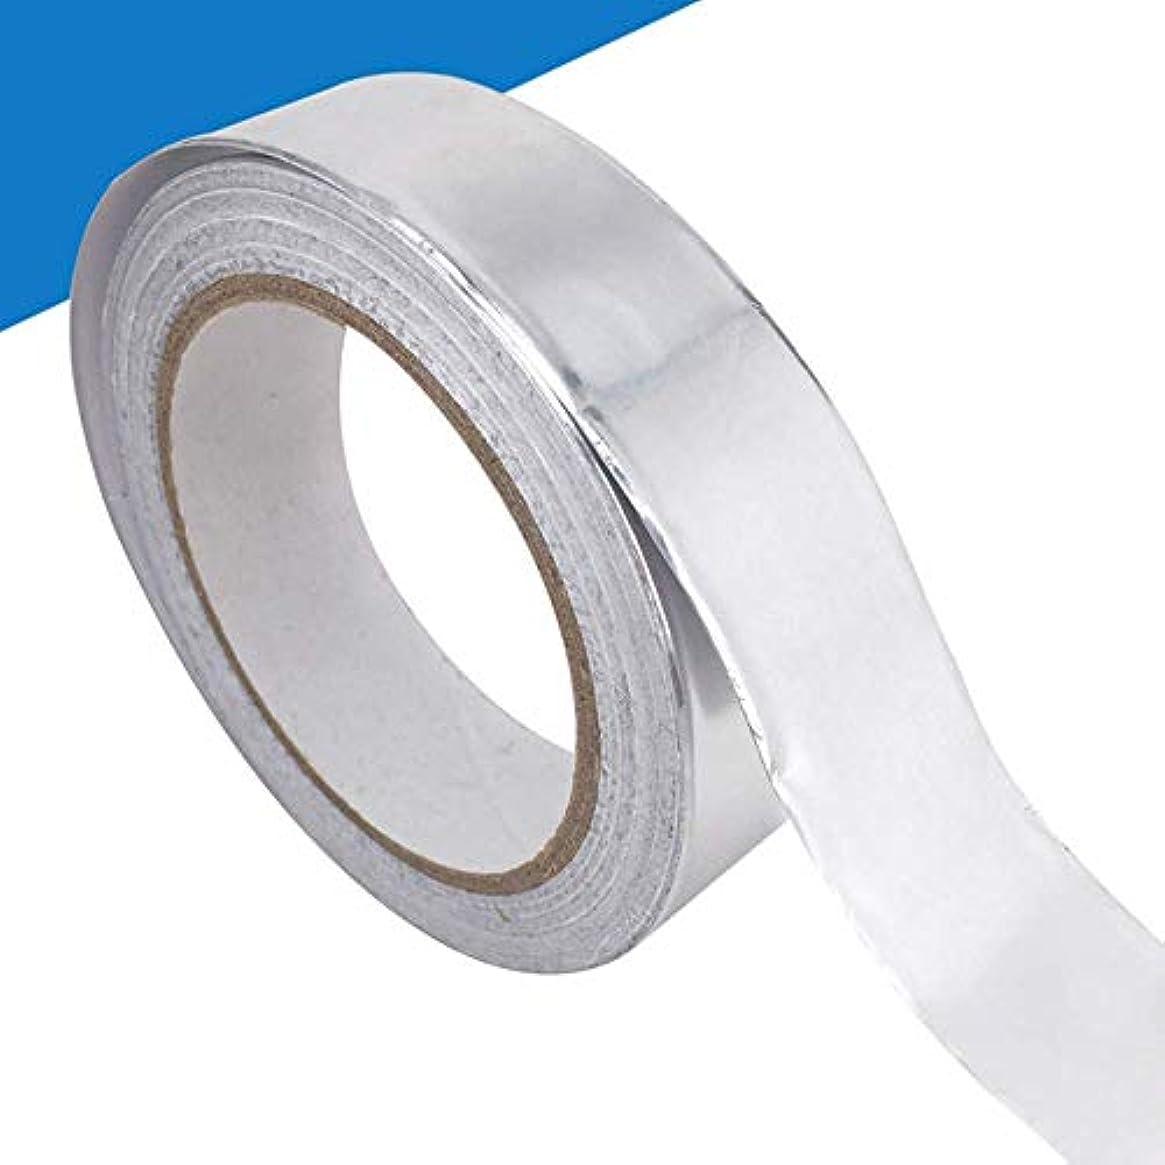 アート流行している思い出すSimg 導電性アルミテープ アルミ箔テープ 放射線防護 耐熱性 防水 多機能 25mm幅x20m